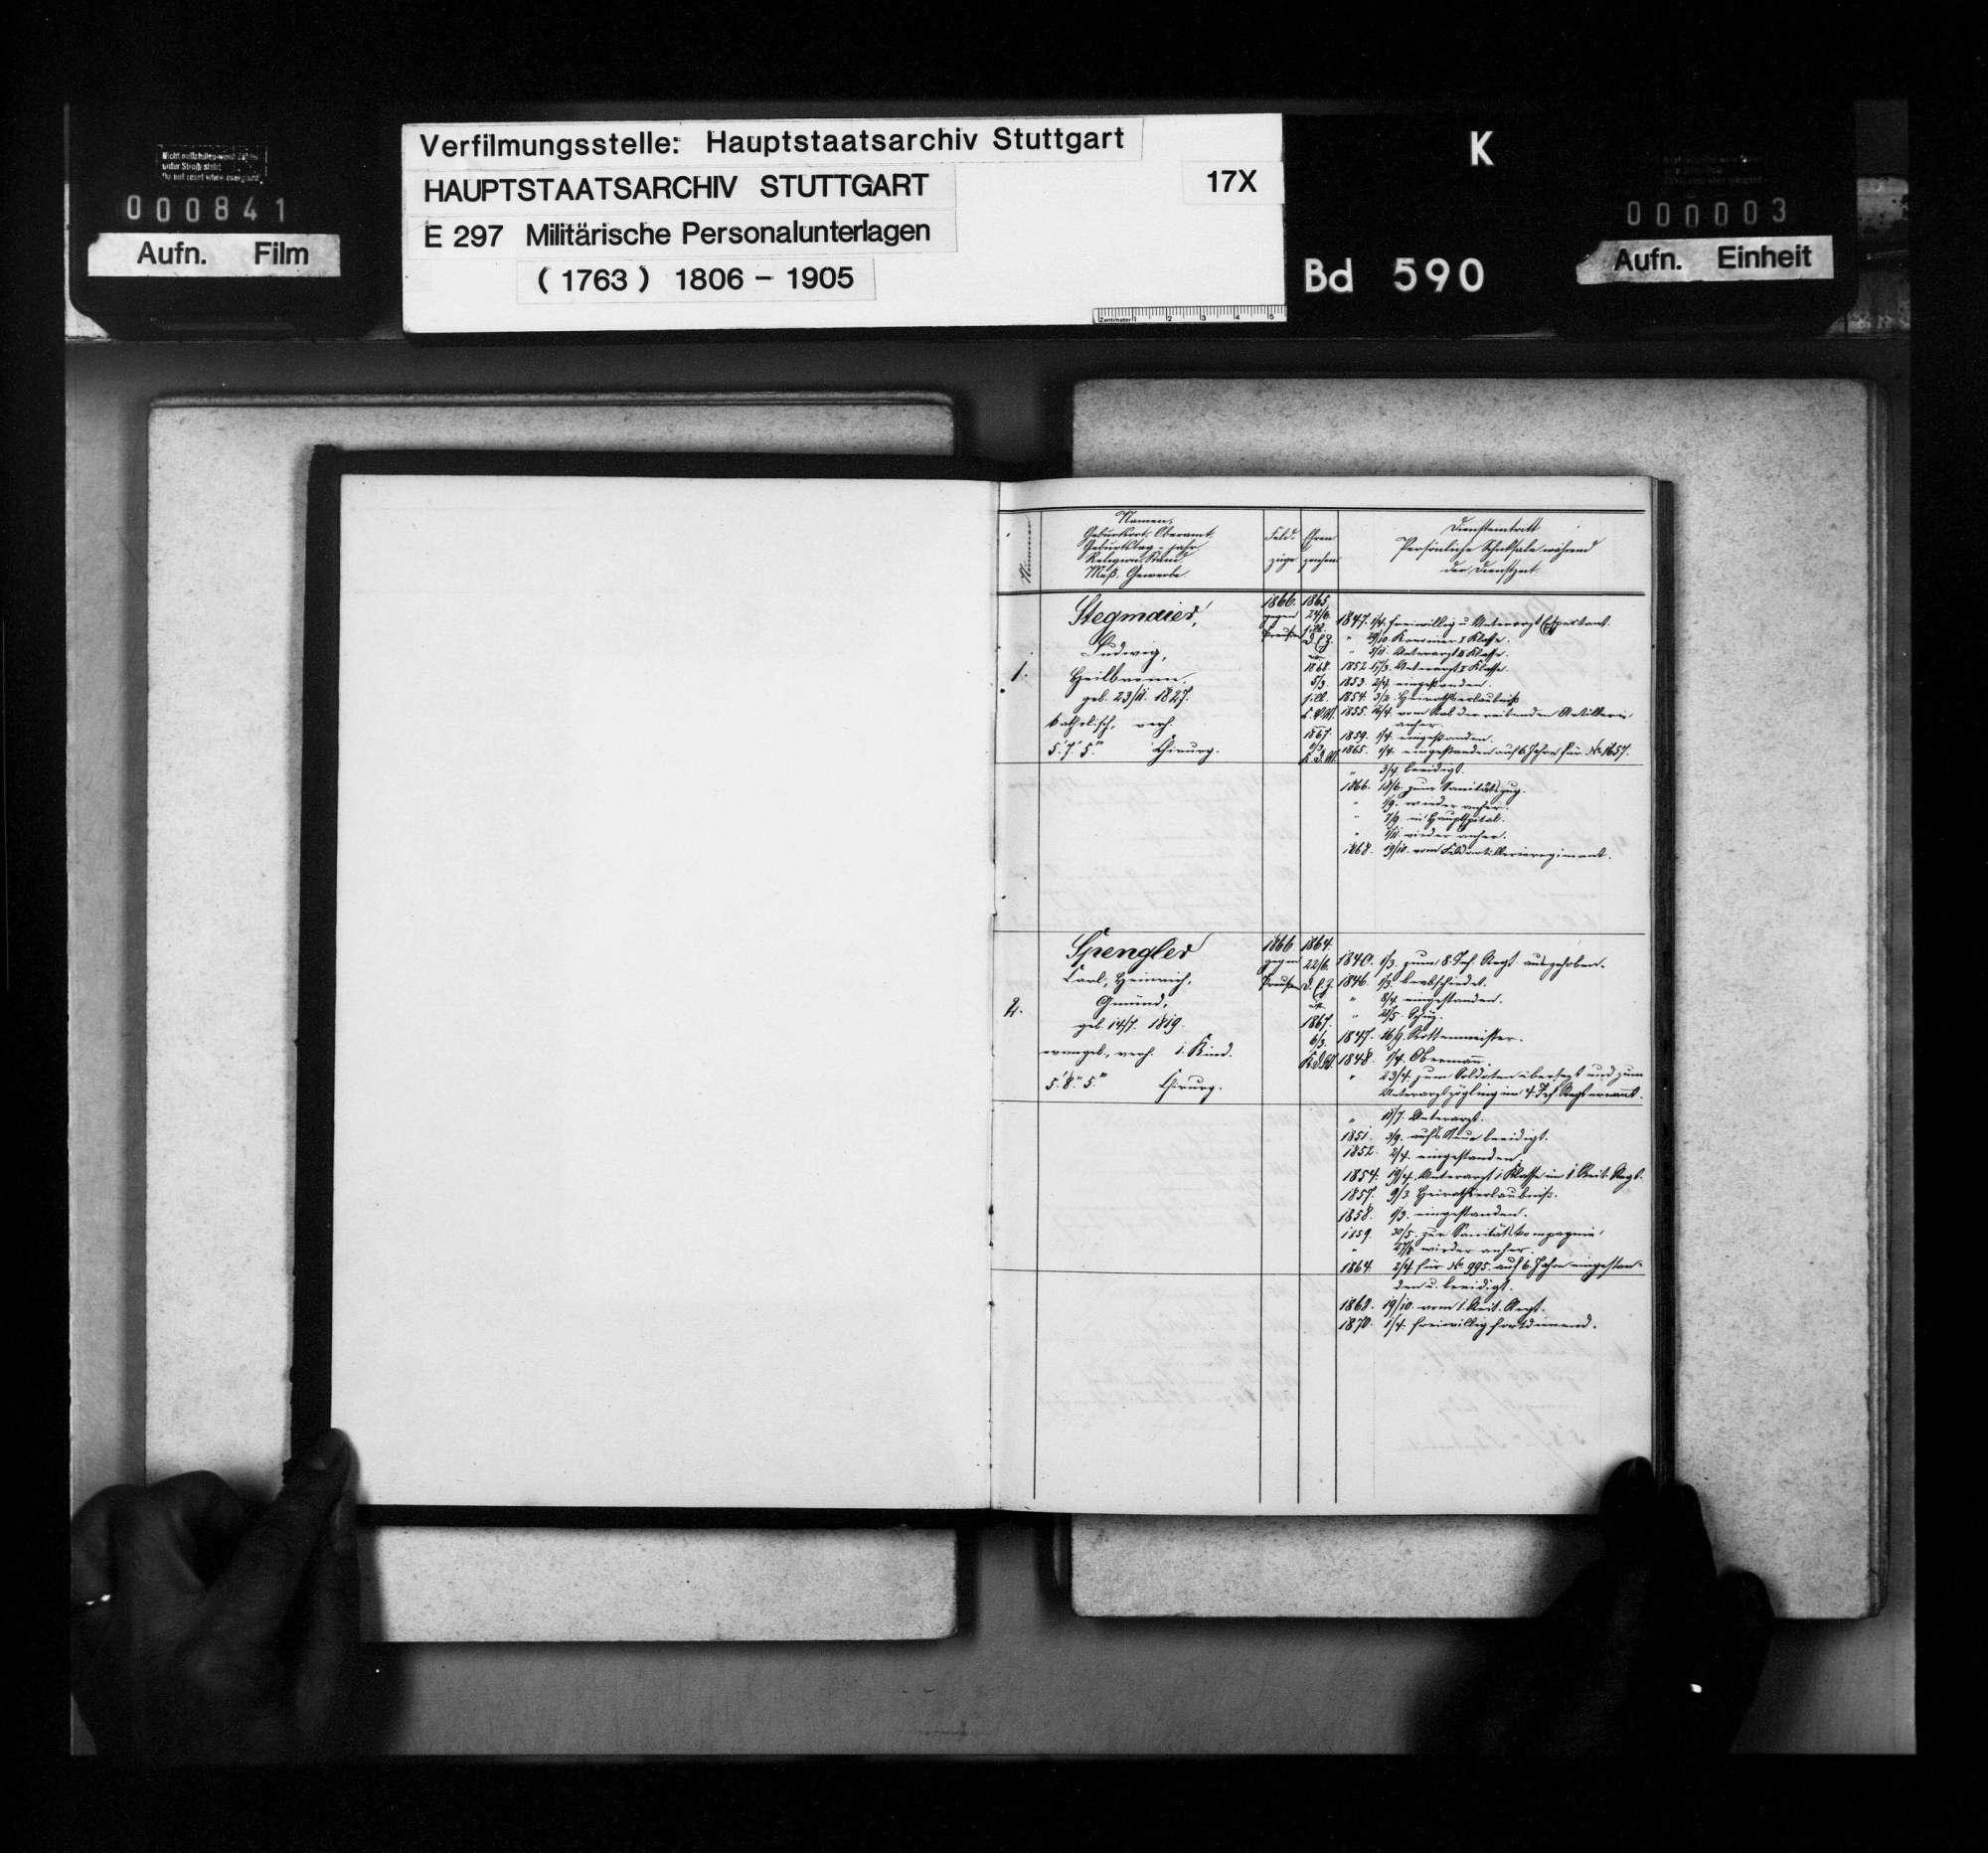 Nationalbuch der Garnisons-Sanitätsabteilung Ludwigsburg für die Aushebungsklassen der Jahrgänge 1858 - 1869, Bild 2